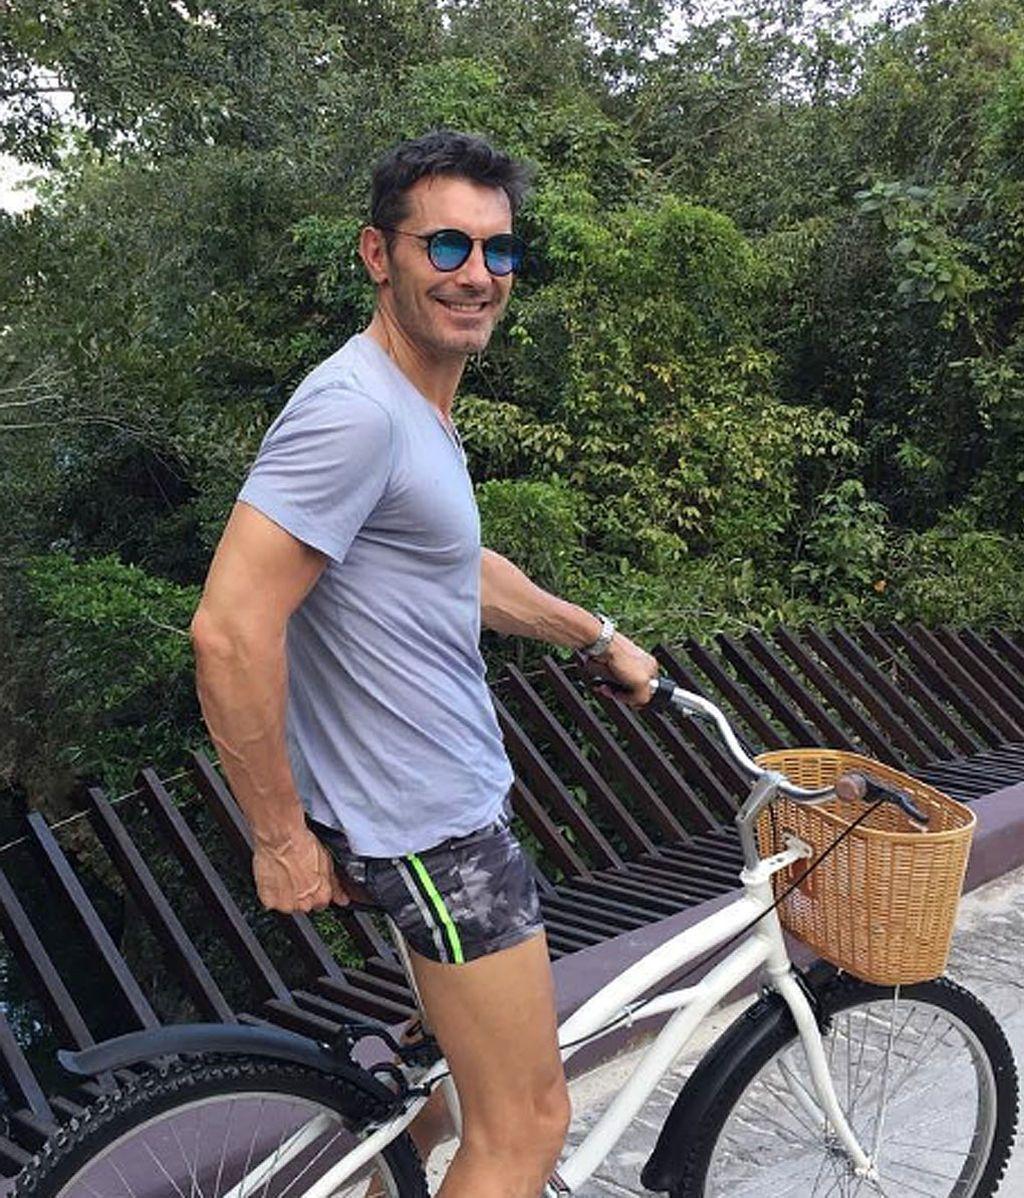 Jesús Vázquez comienza con la operación verano y le da la bienvenida al buen tiempo quitándose la camiseta